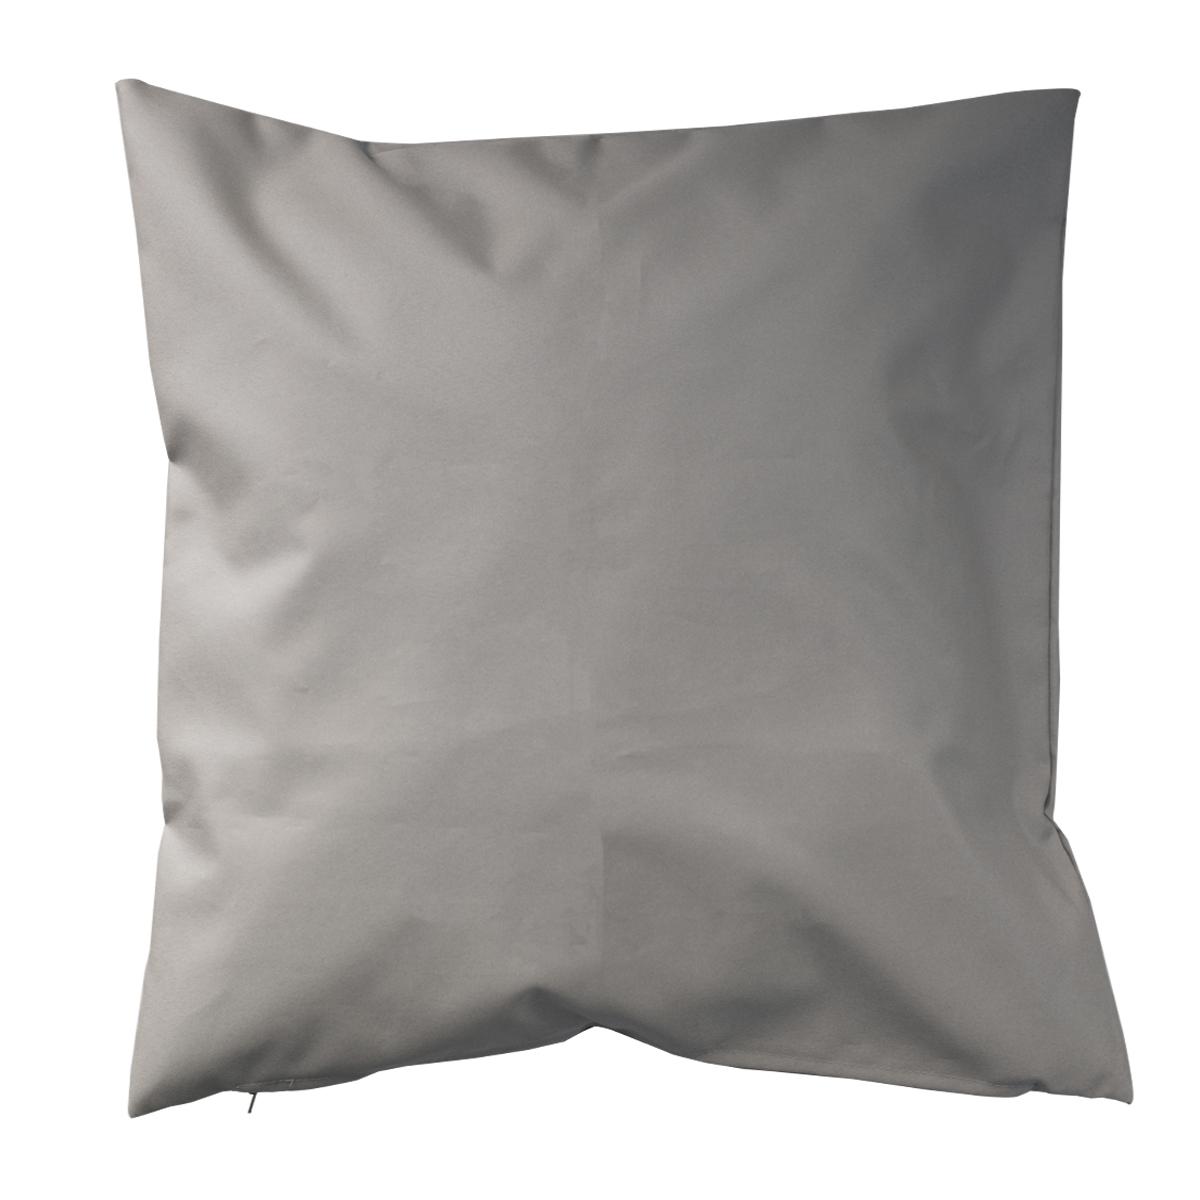 Housse de coussin d'extérieur en tissu outdoor - Lin - 60 x 60cm